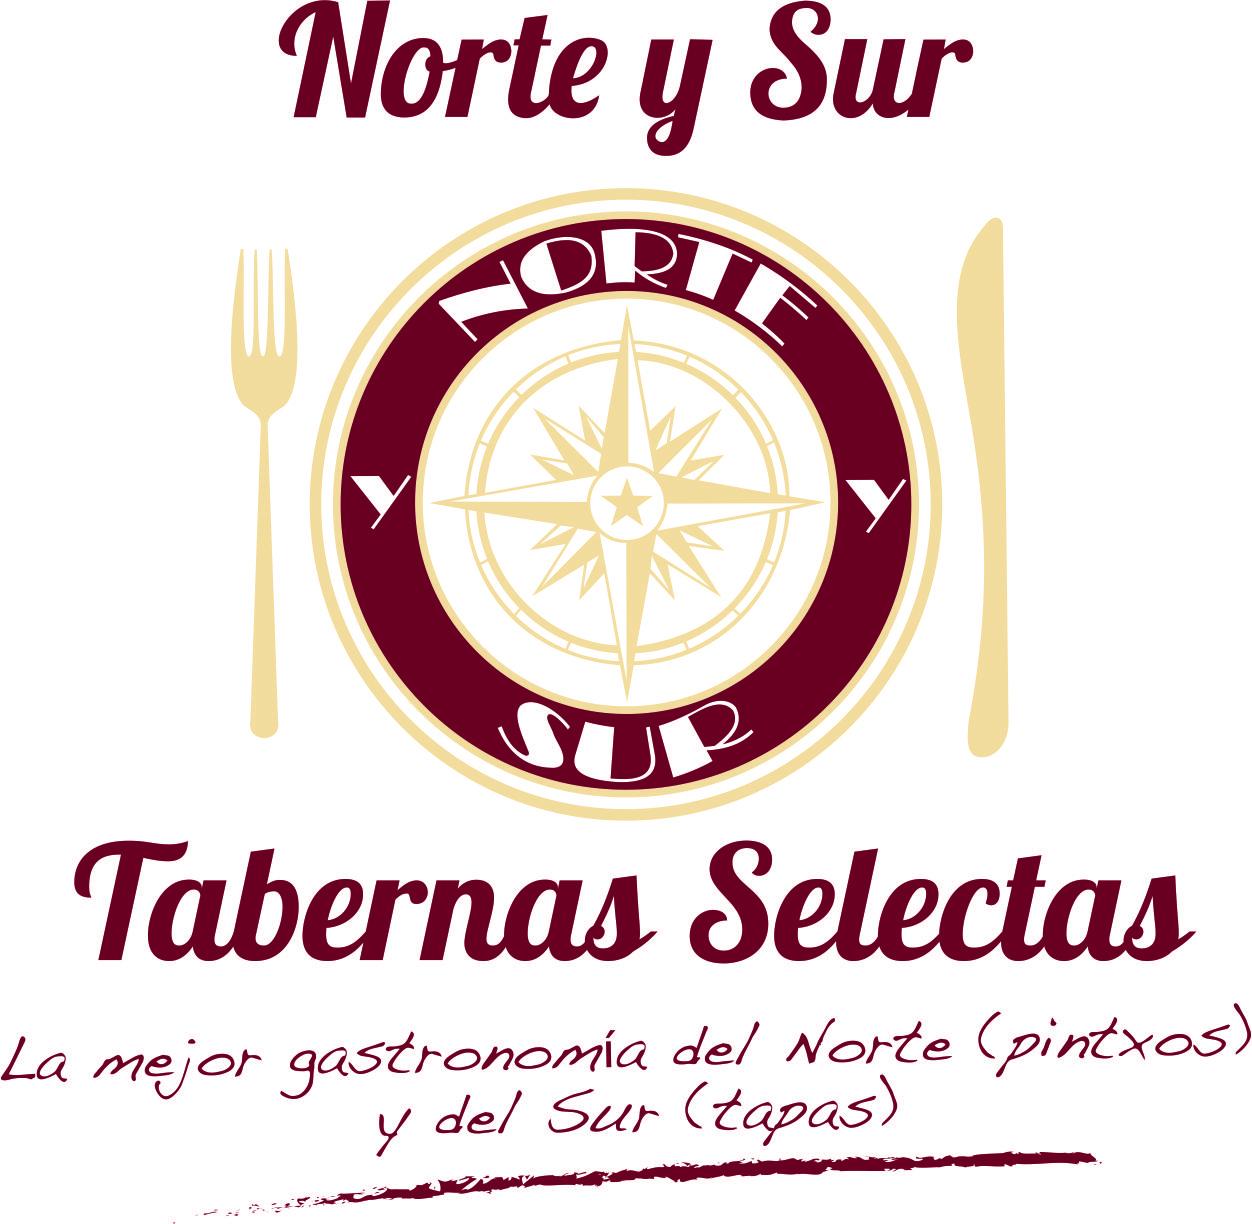 Taberna Norte y Sur